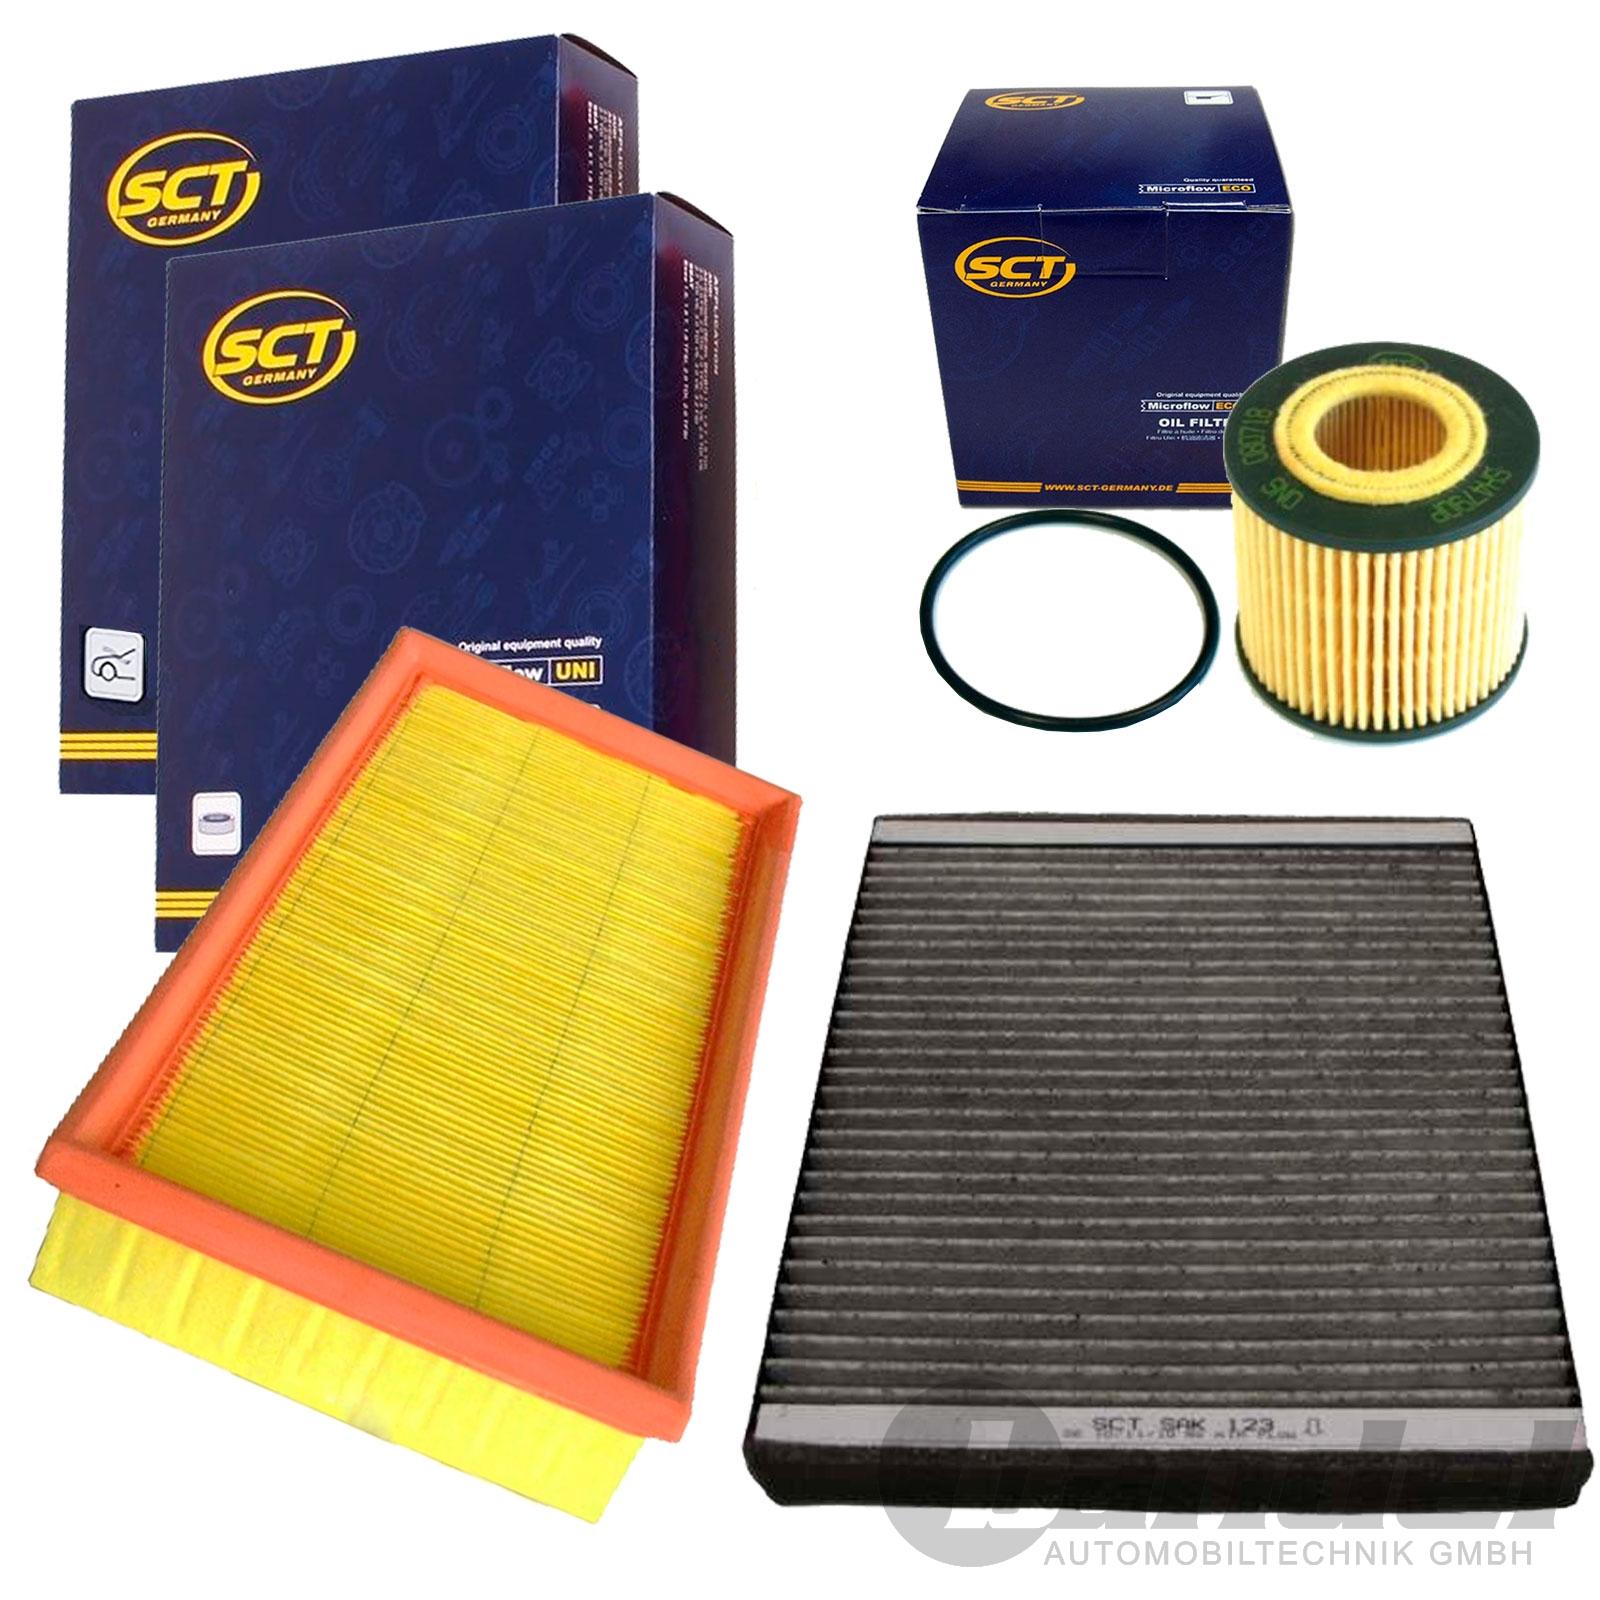 inspektion satz pollenfilter luftfilter lfilter vw polo 9n skoda fabia 6y ebay. Black Bedroom Furniture Sets. Home Design Ideas